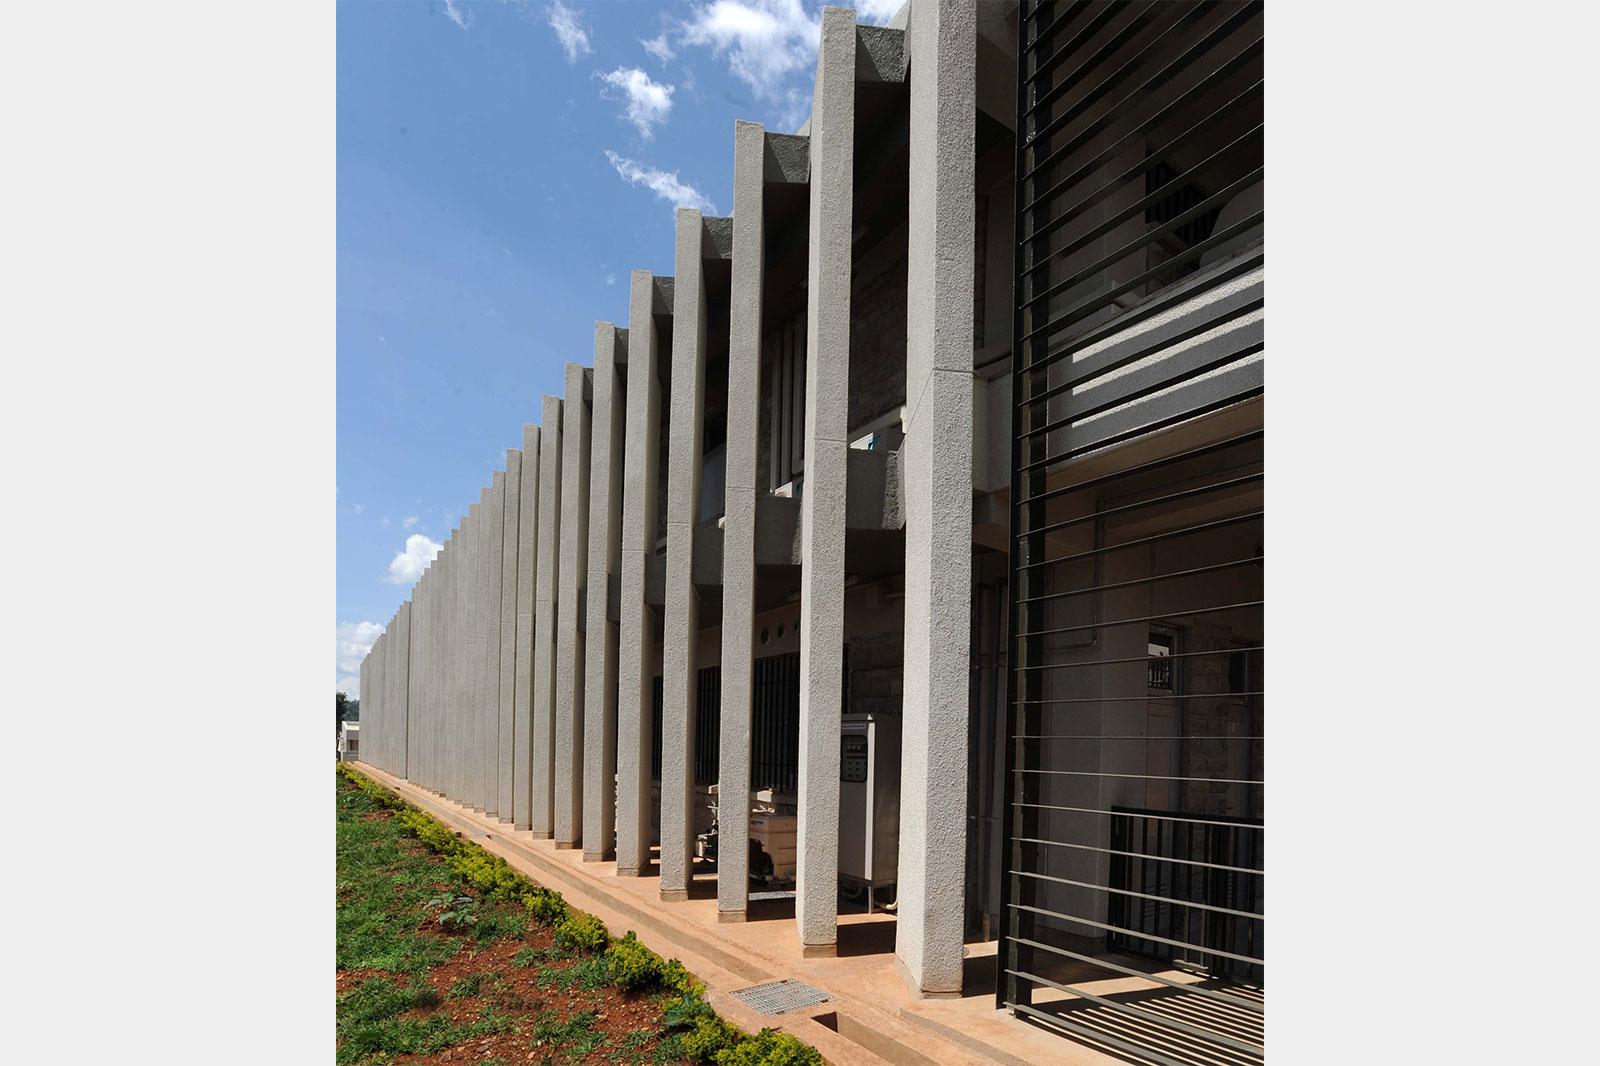 ケニア国 キシイ・レベル5病院外来診療棟 ケリチョー県病院救急診療棟